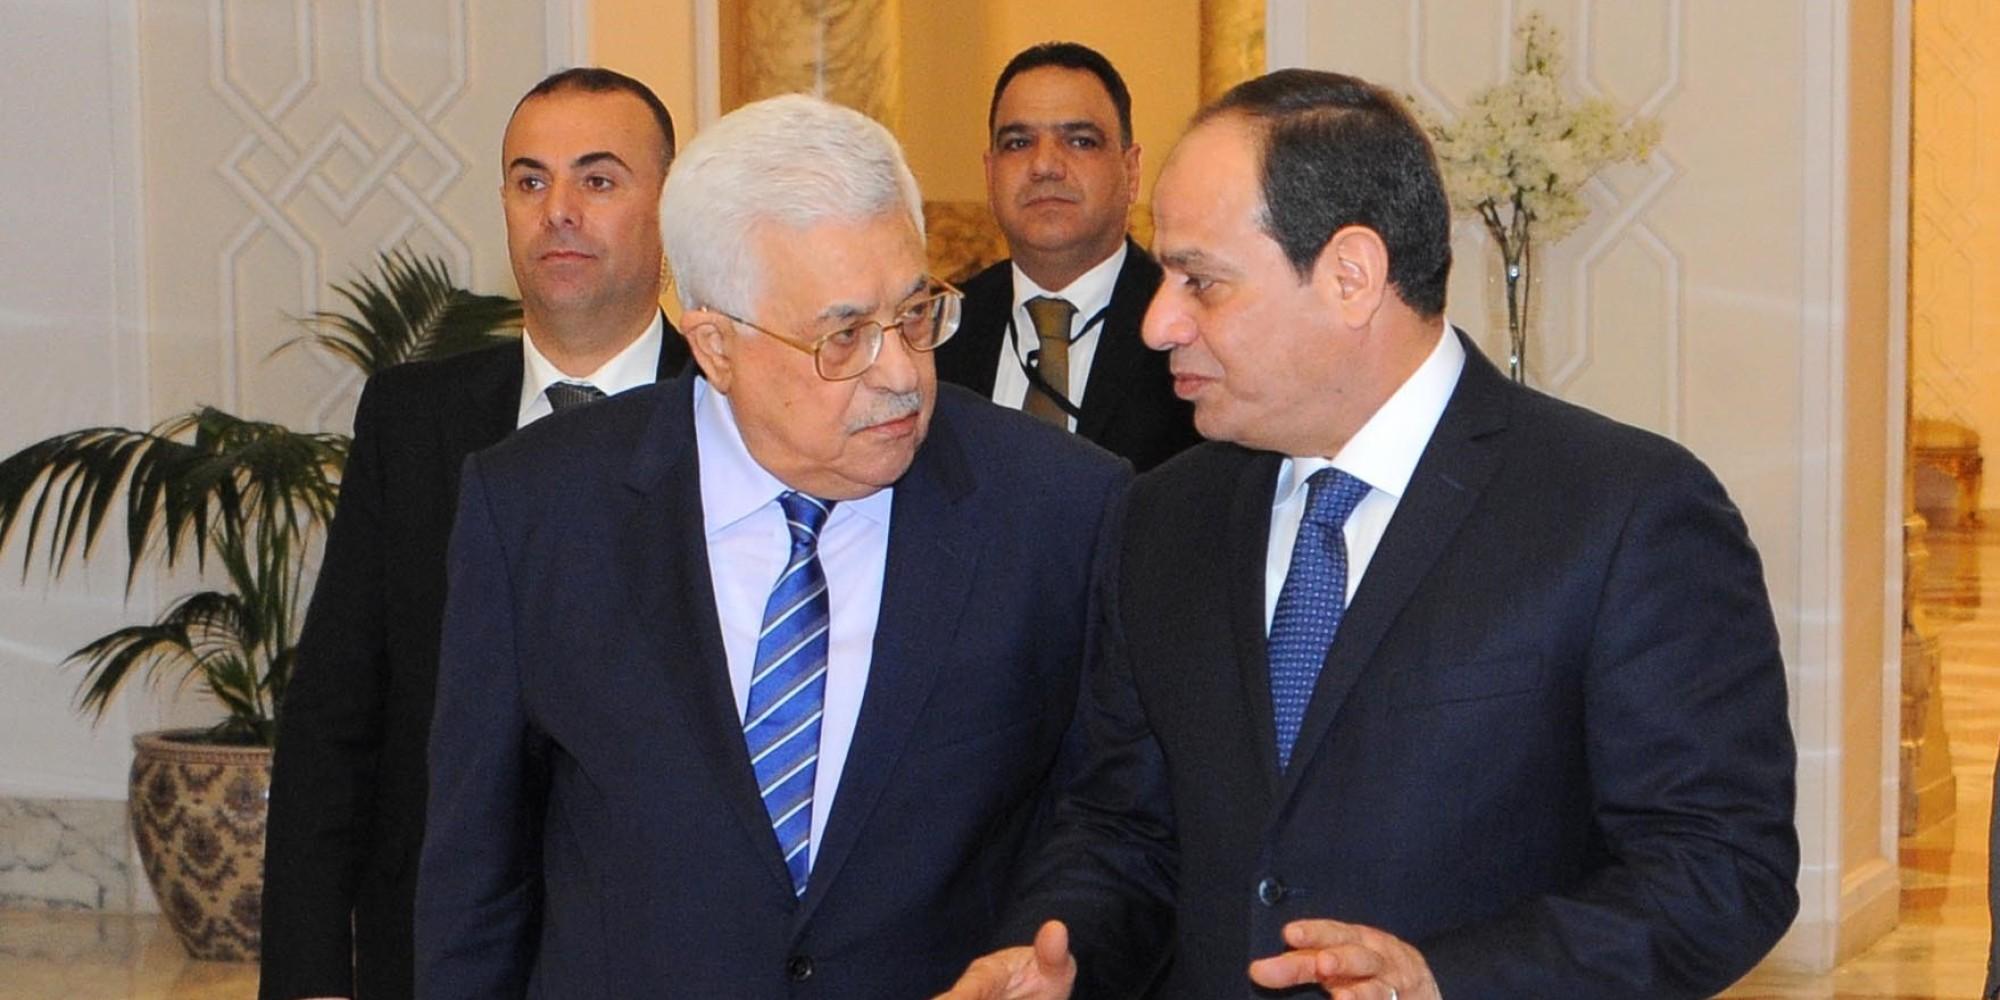 الرئيس عبد الفتاح السيسي والرئيس الفلسطيني محمود عباس